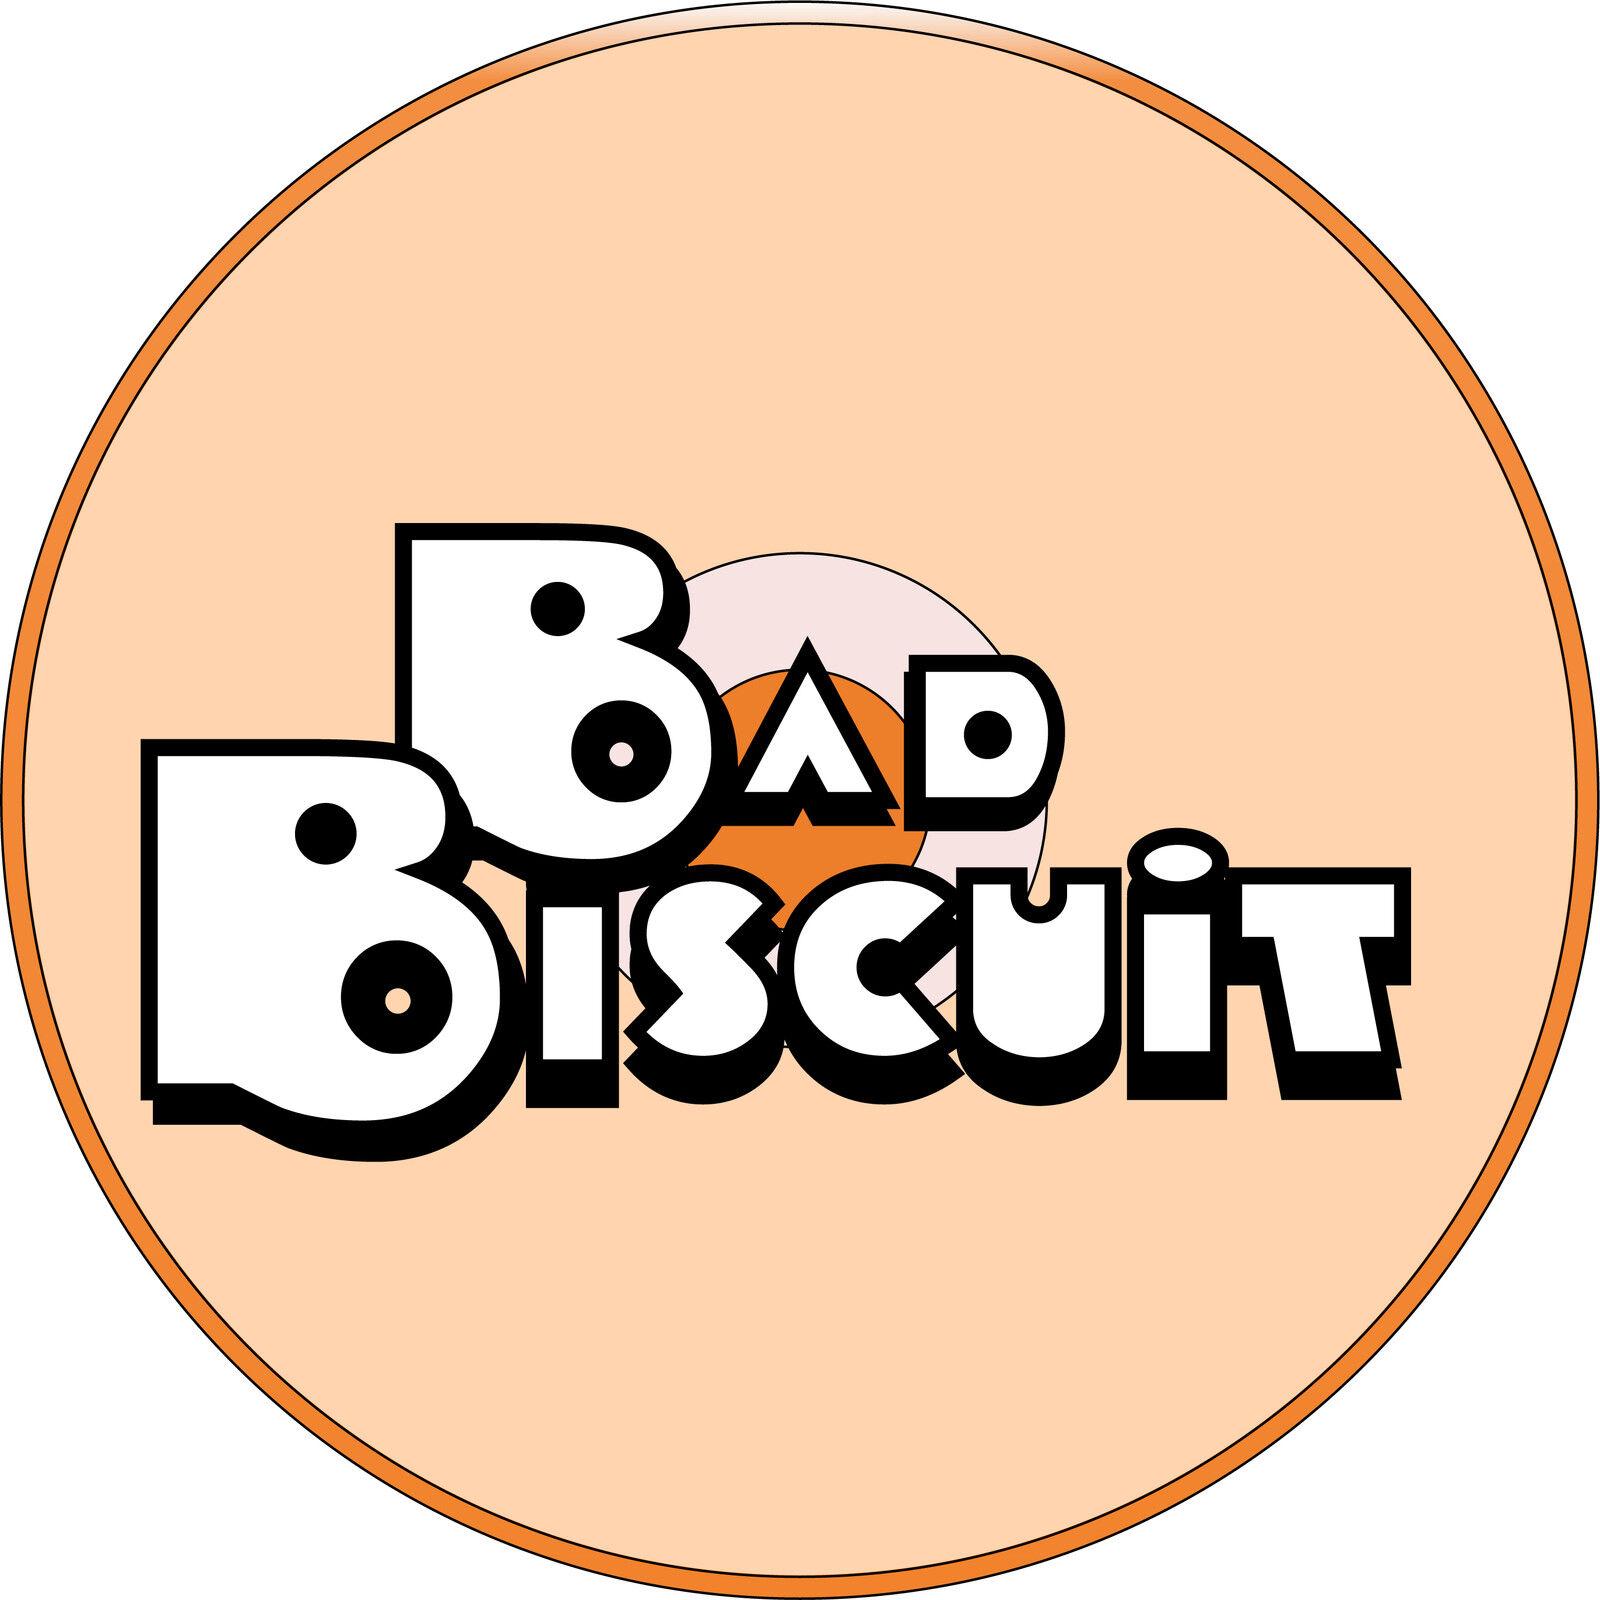 badbiscuit